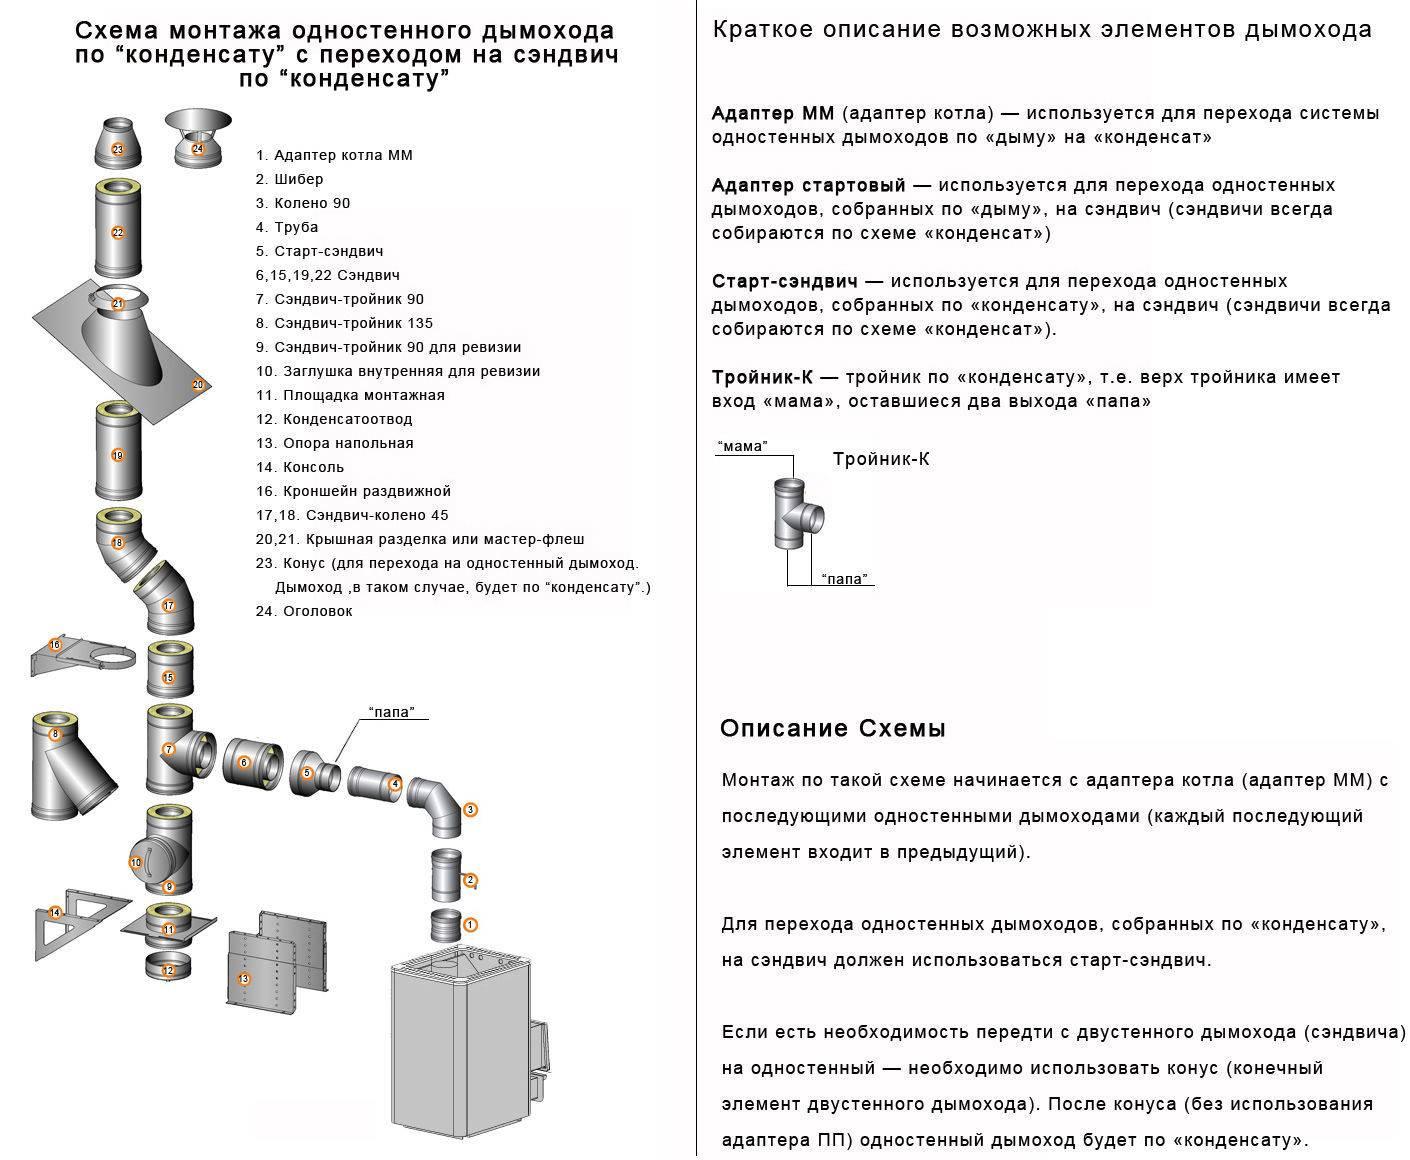 Требования к дымоходу газового котла: нормативы и рекомендации